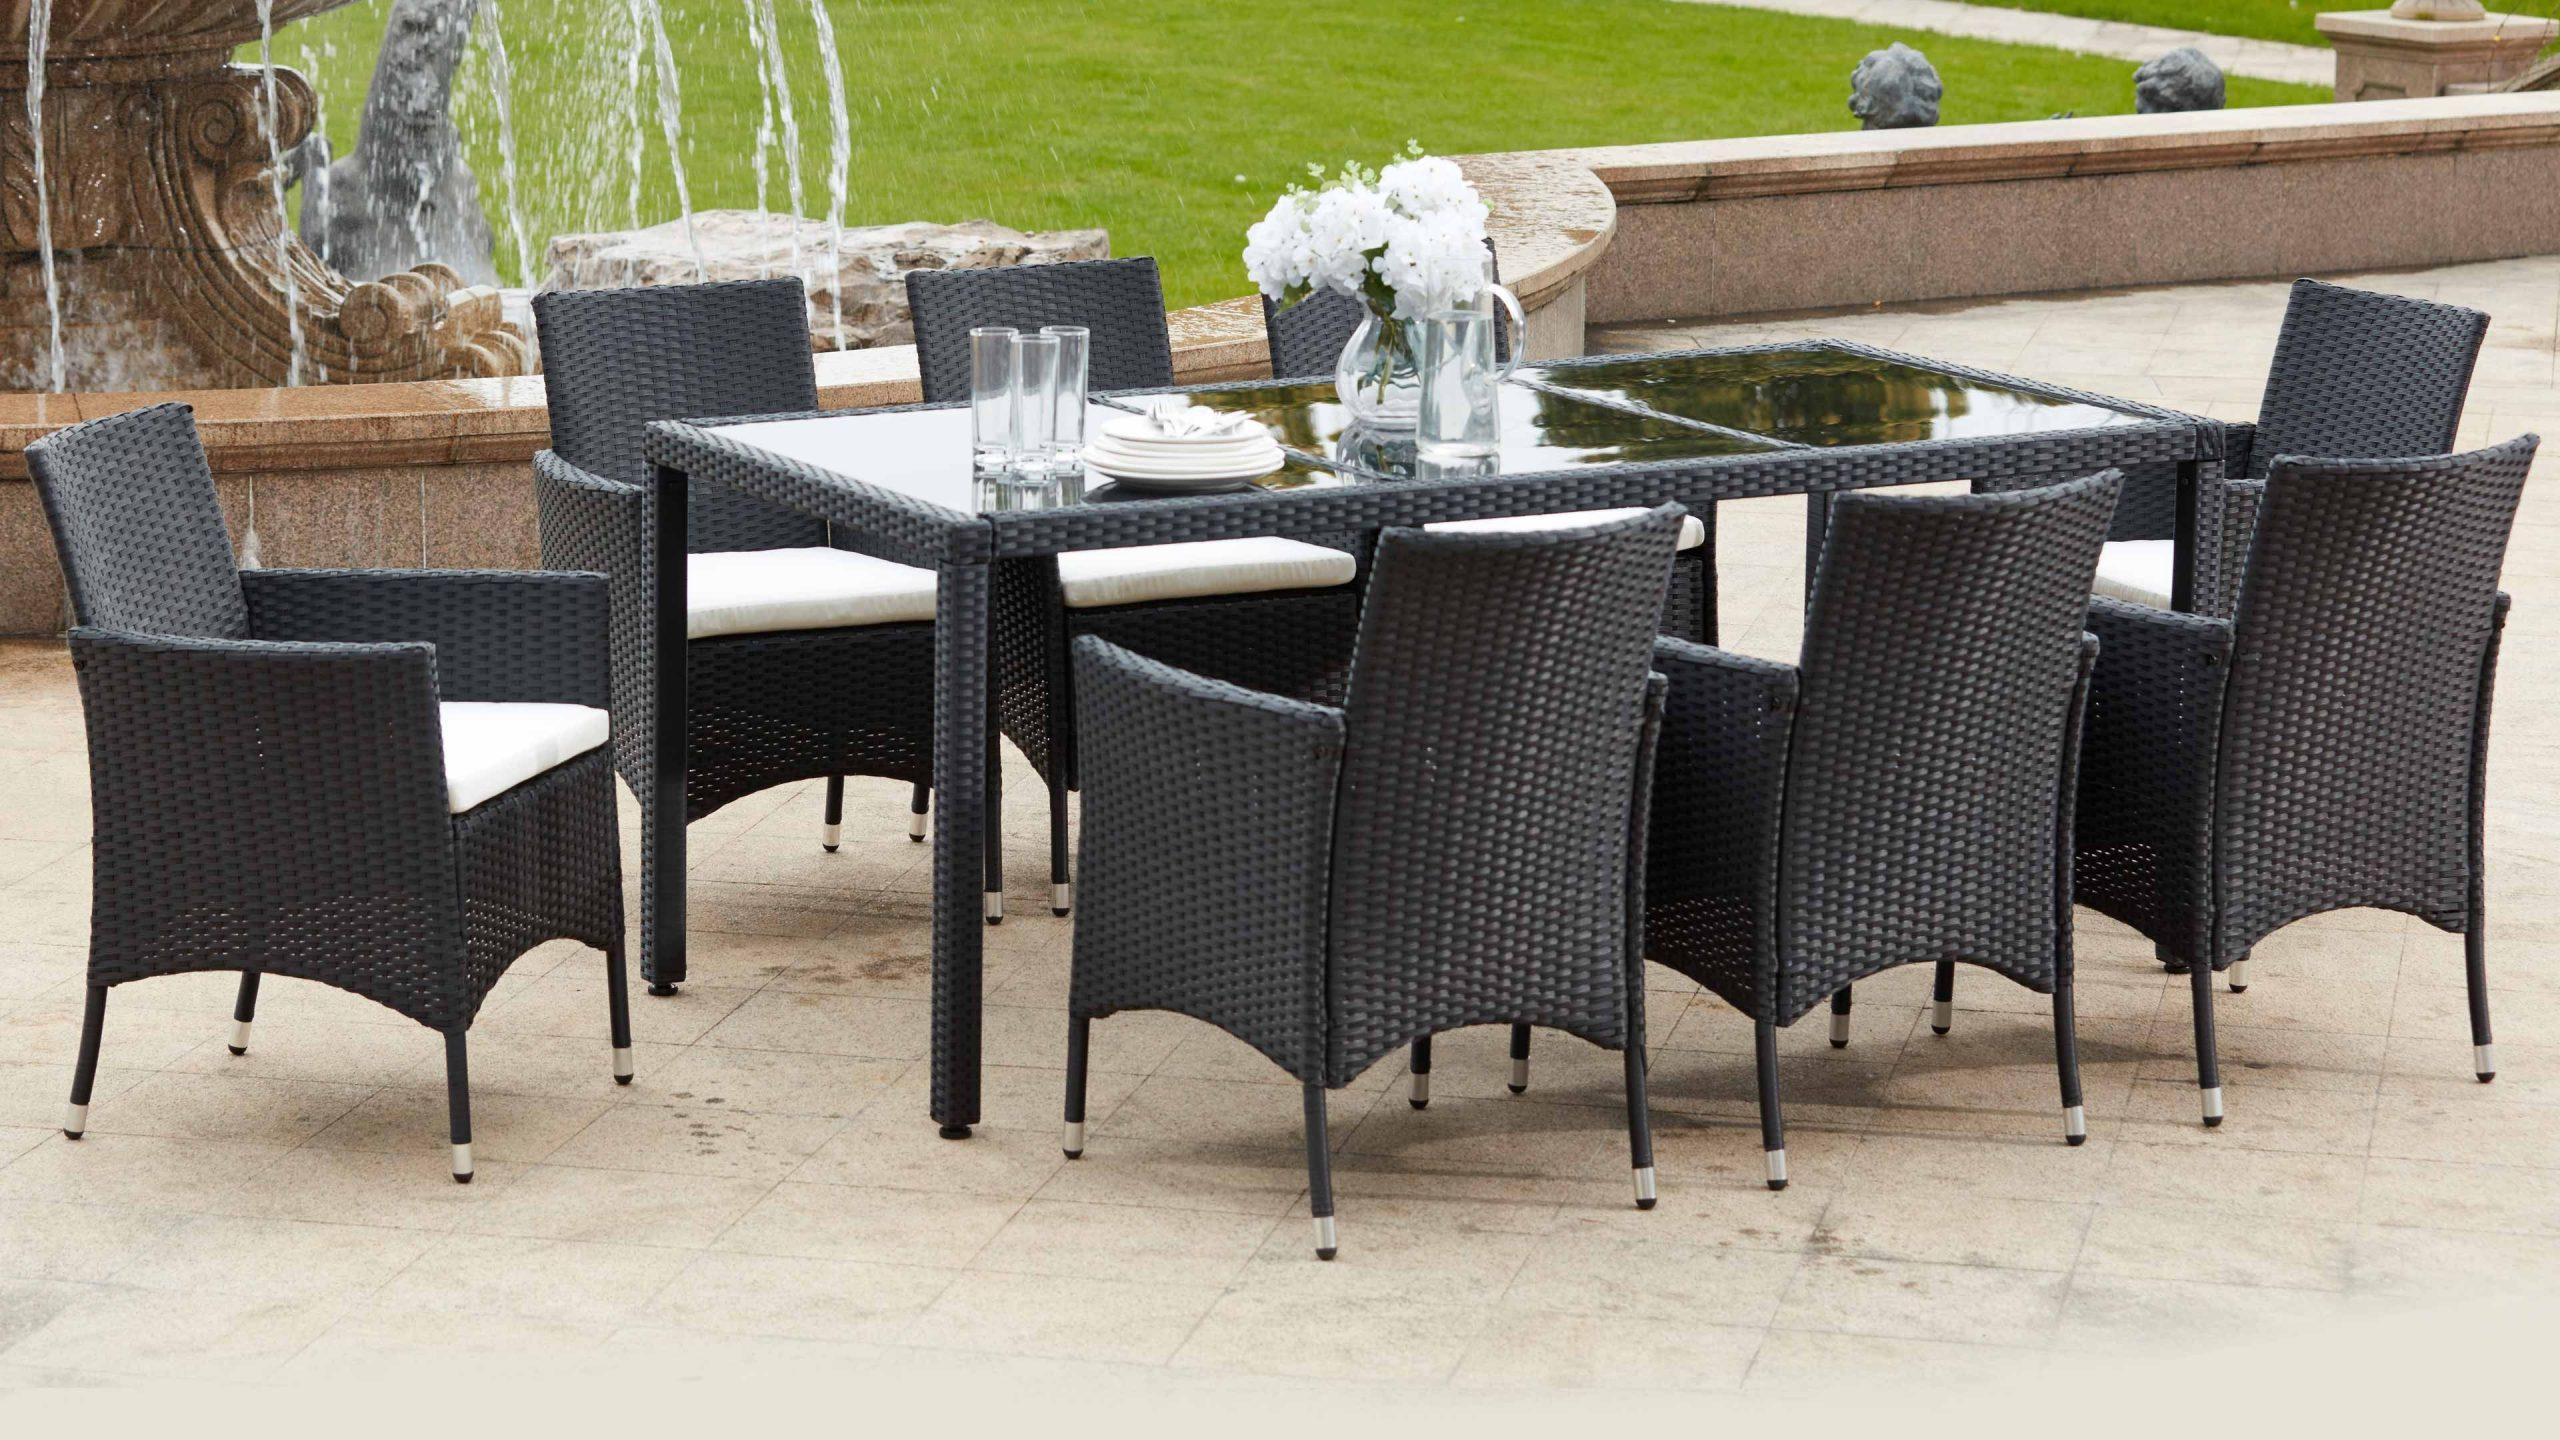 Salon De Jardin Table Résine Tressée 8 Fauteuils encequiconcerne Table Et Chaises De Jardin Pas Cher